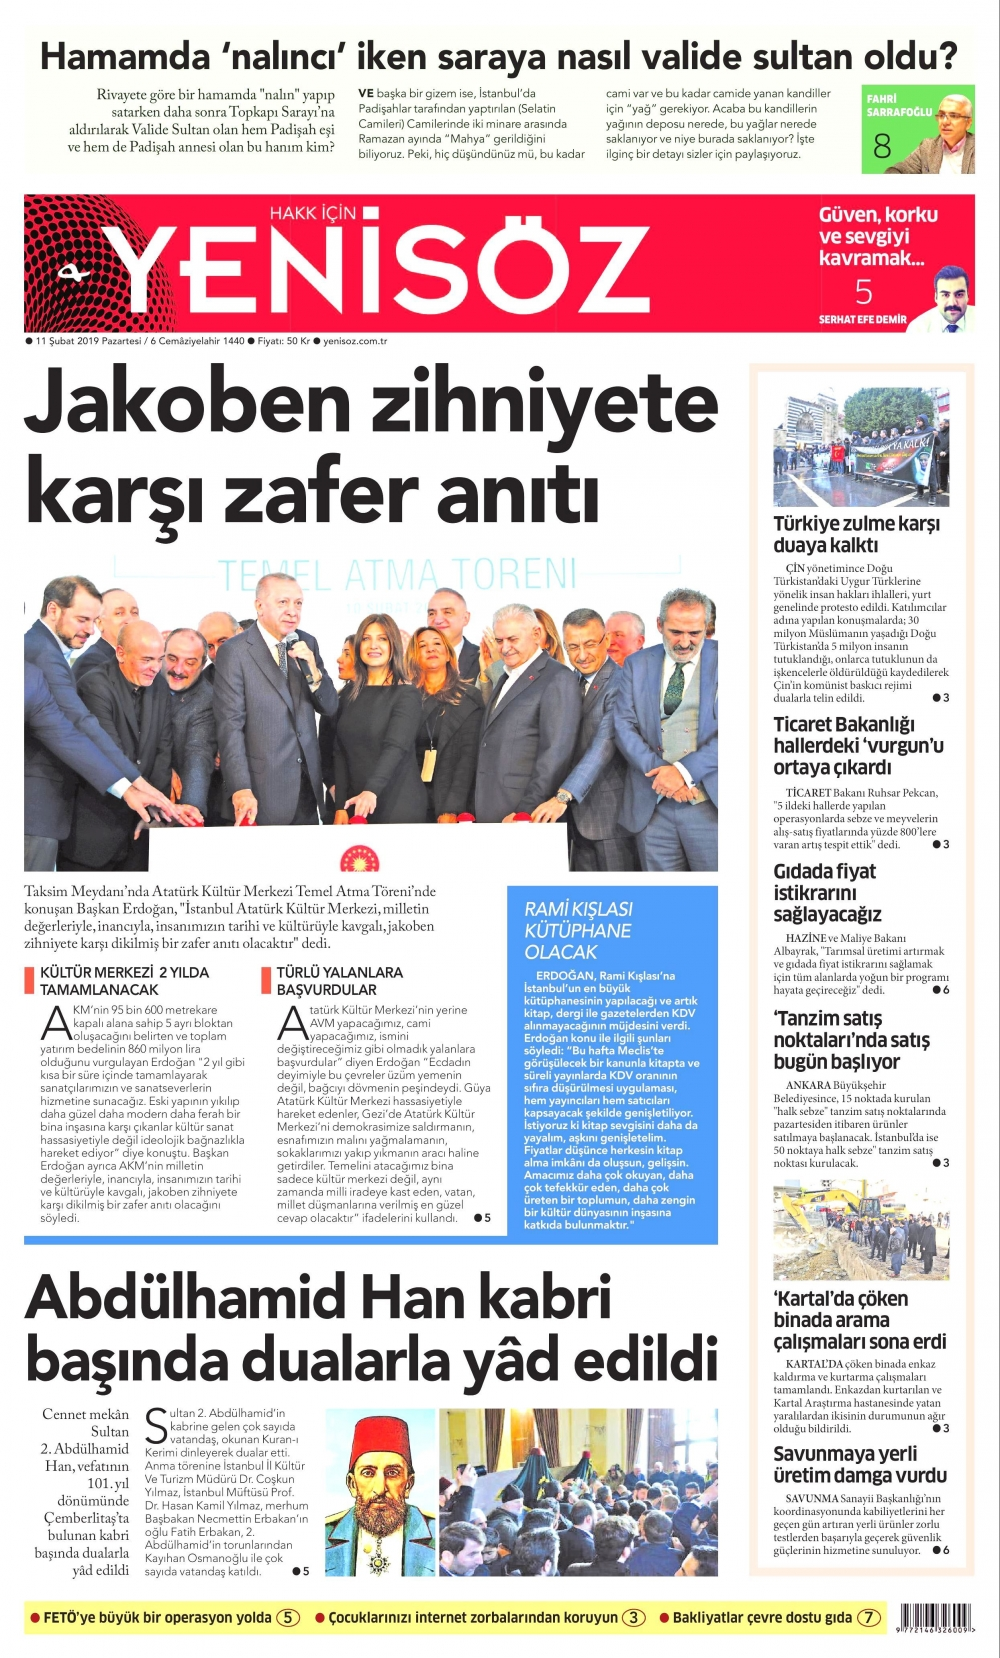 Günün gazete manşetleri (11.02.2019) 1